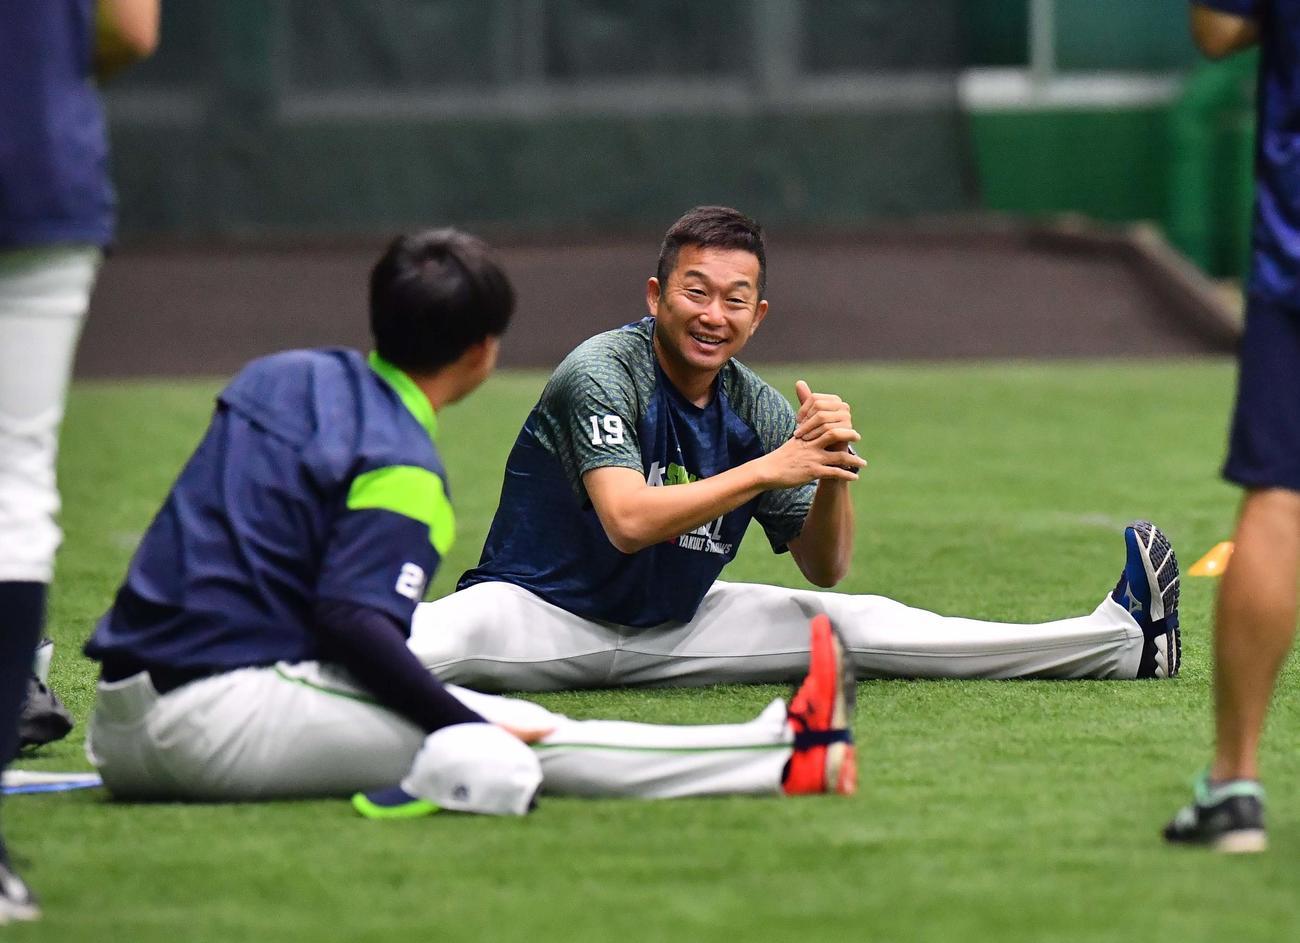 吉田大喜(左)と談笑する石川(撮影・上田博志)